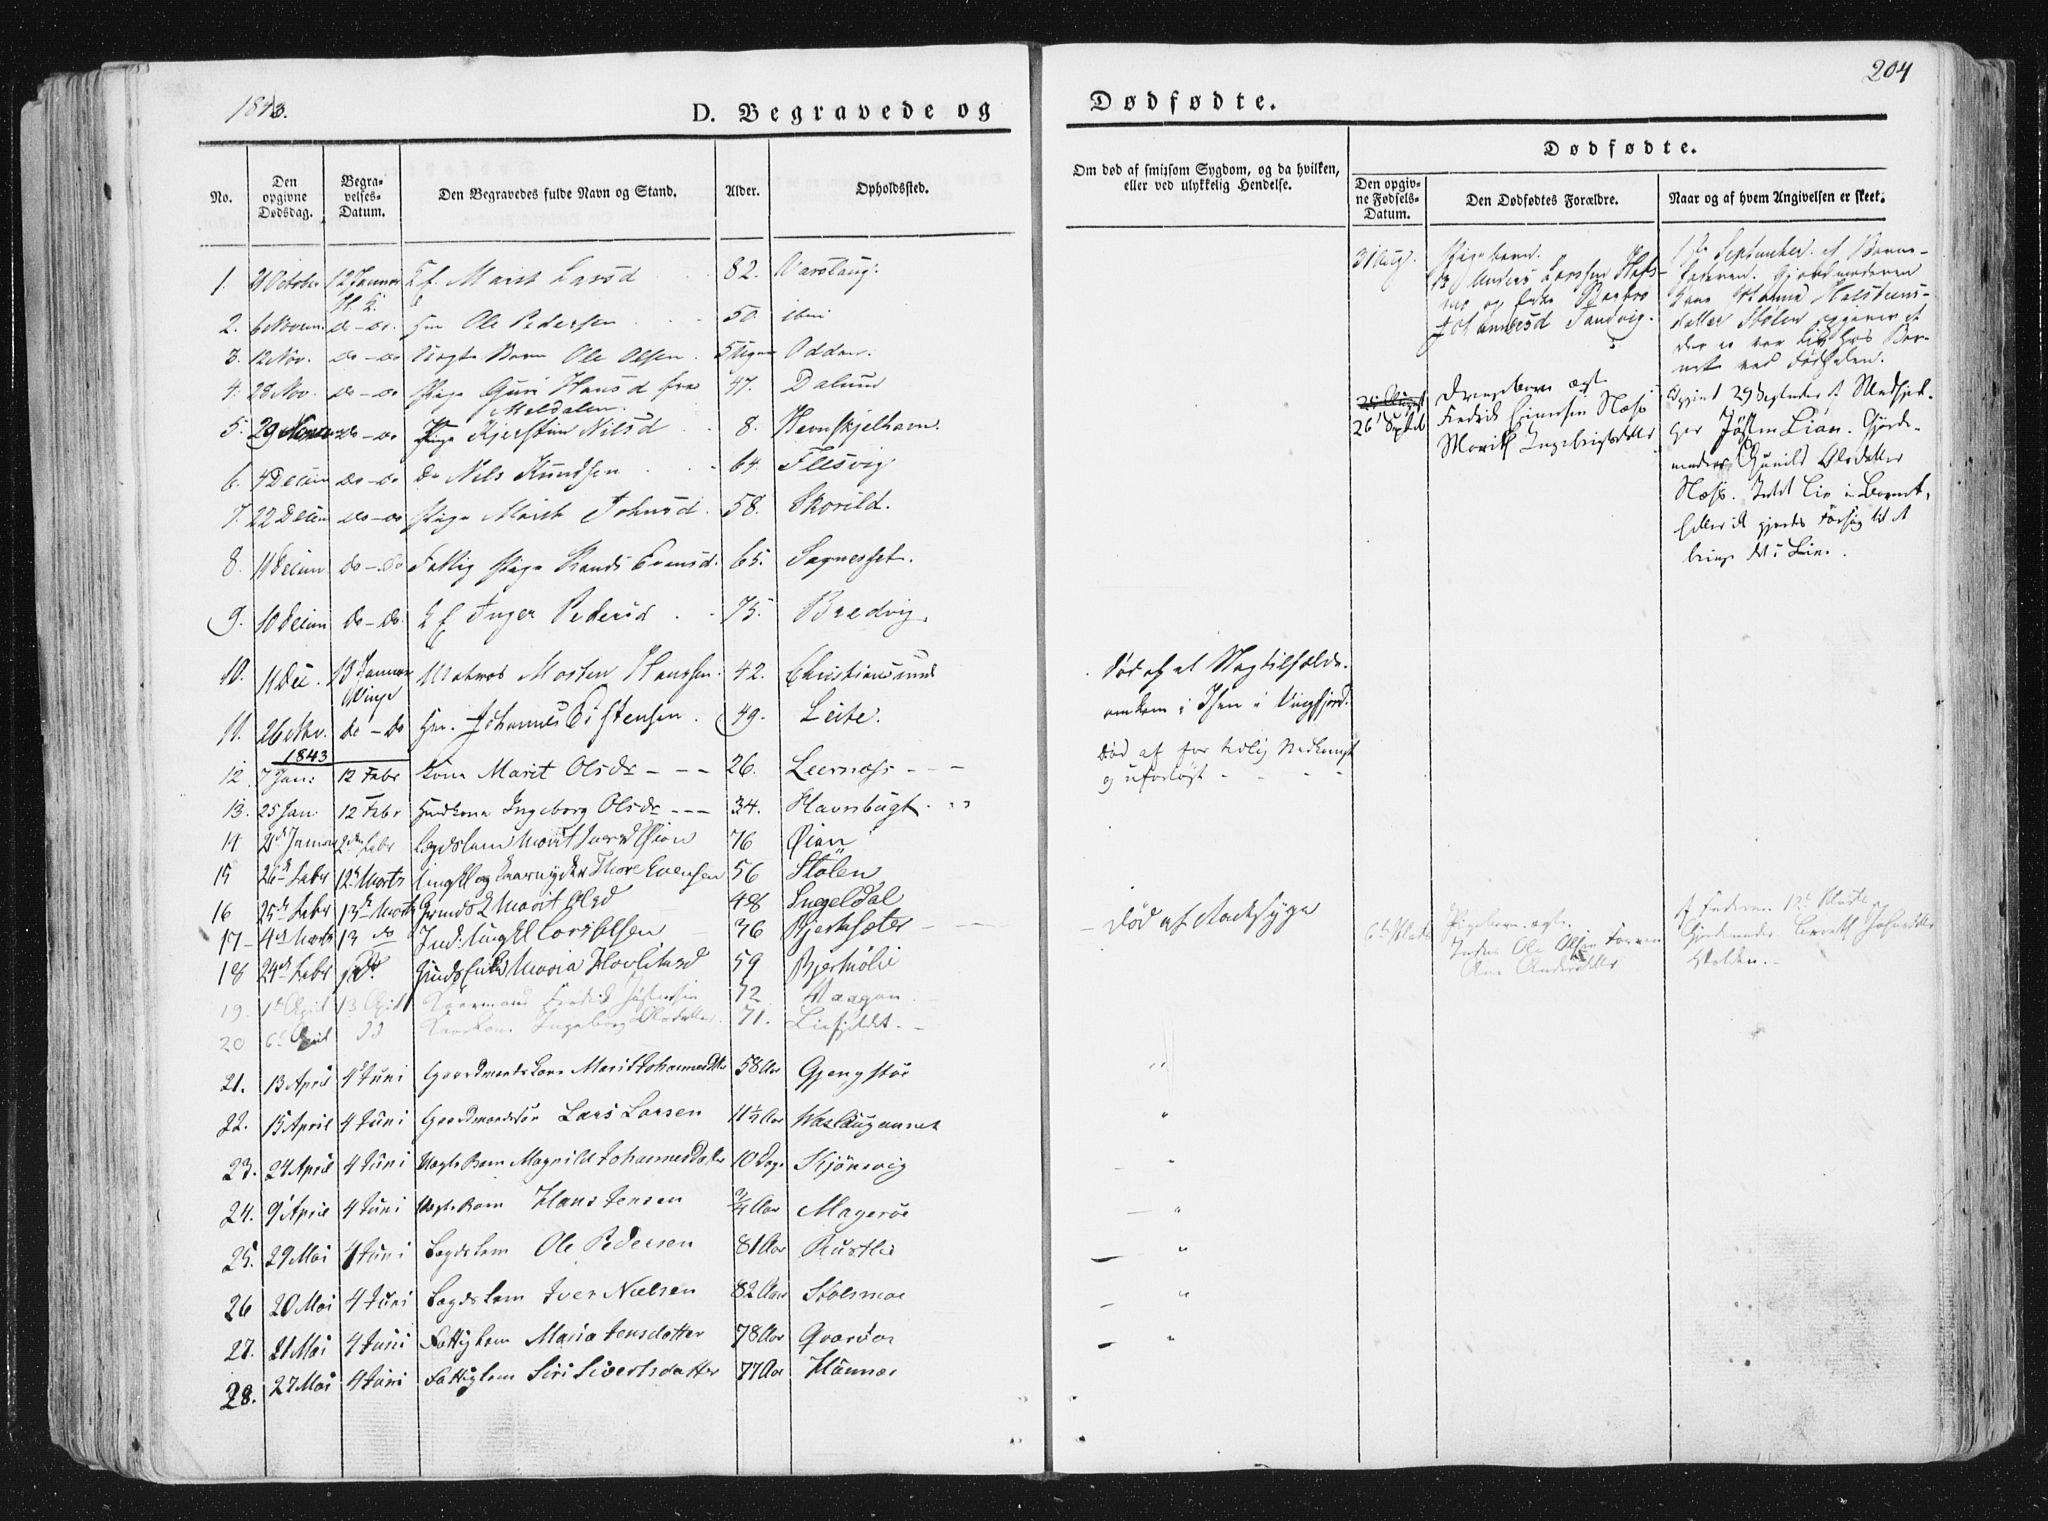 SAT, Ministerialprotokoller, klokkerbøker og fødselsregistre - Sør-Trøndelag, 630/L0493: Ministerialbok nr. 630A06, 1841-1851, s. 204